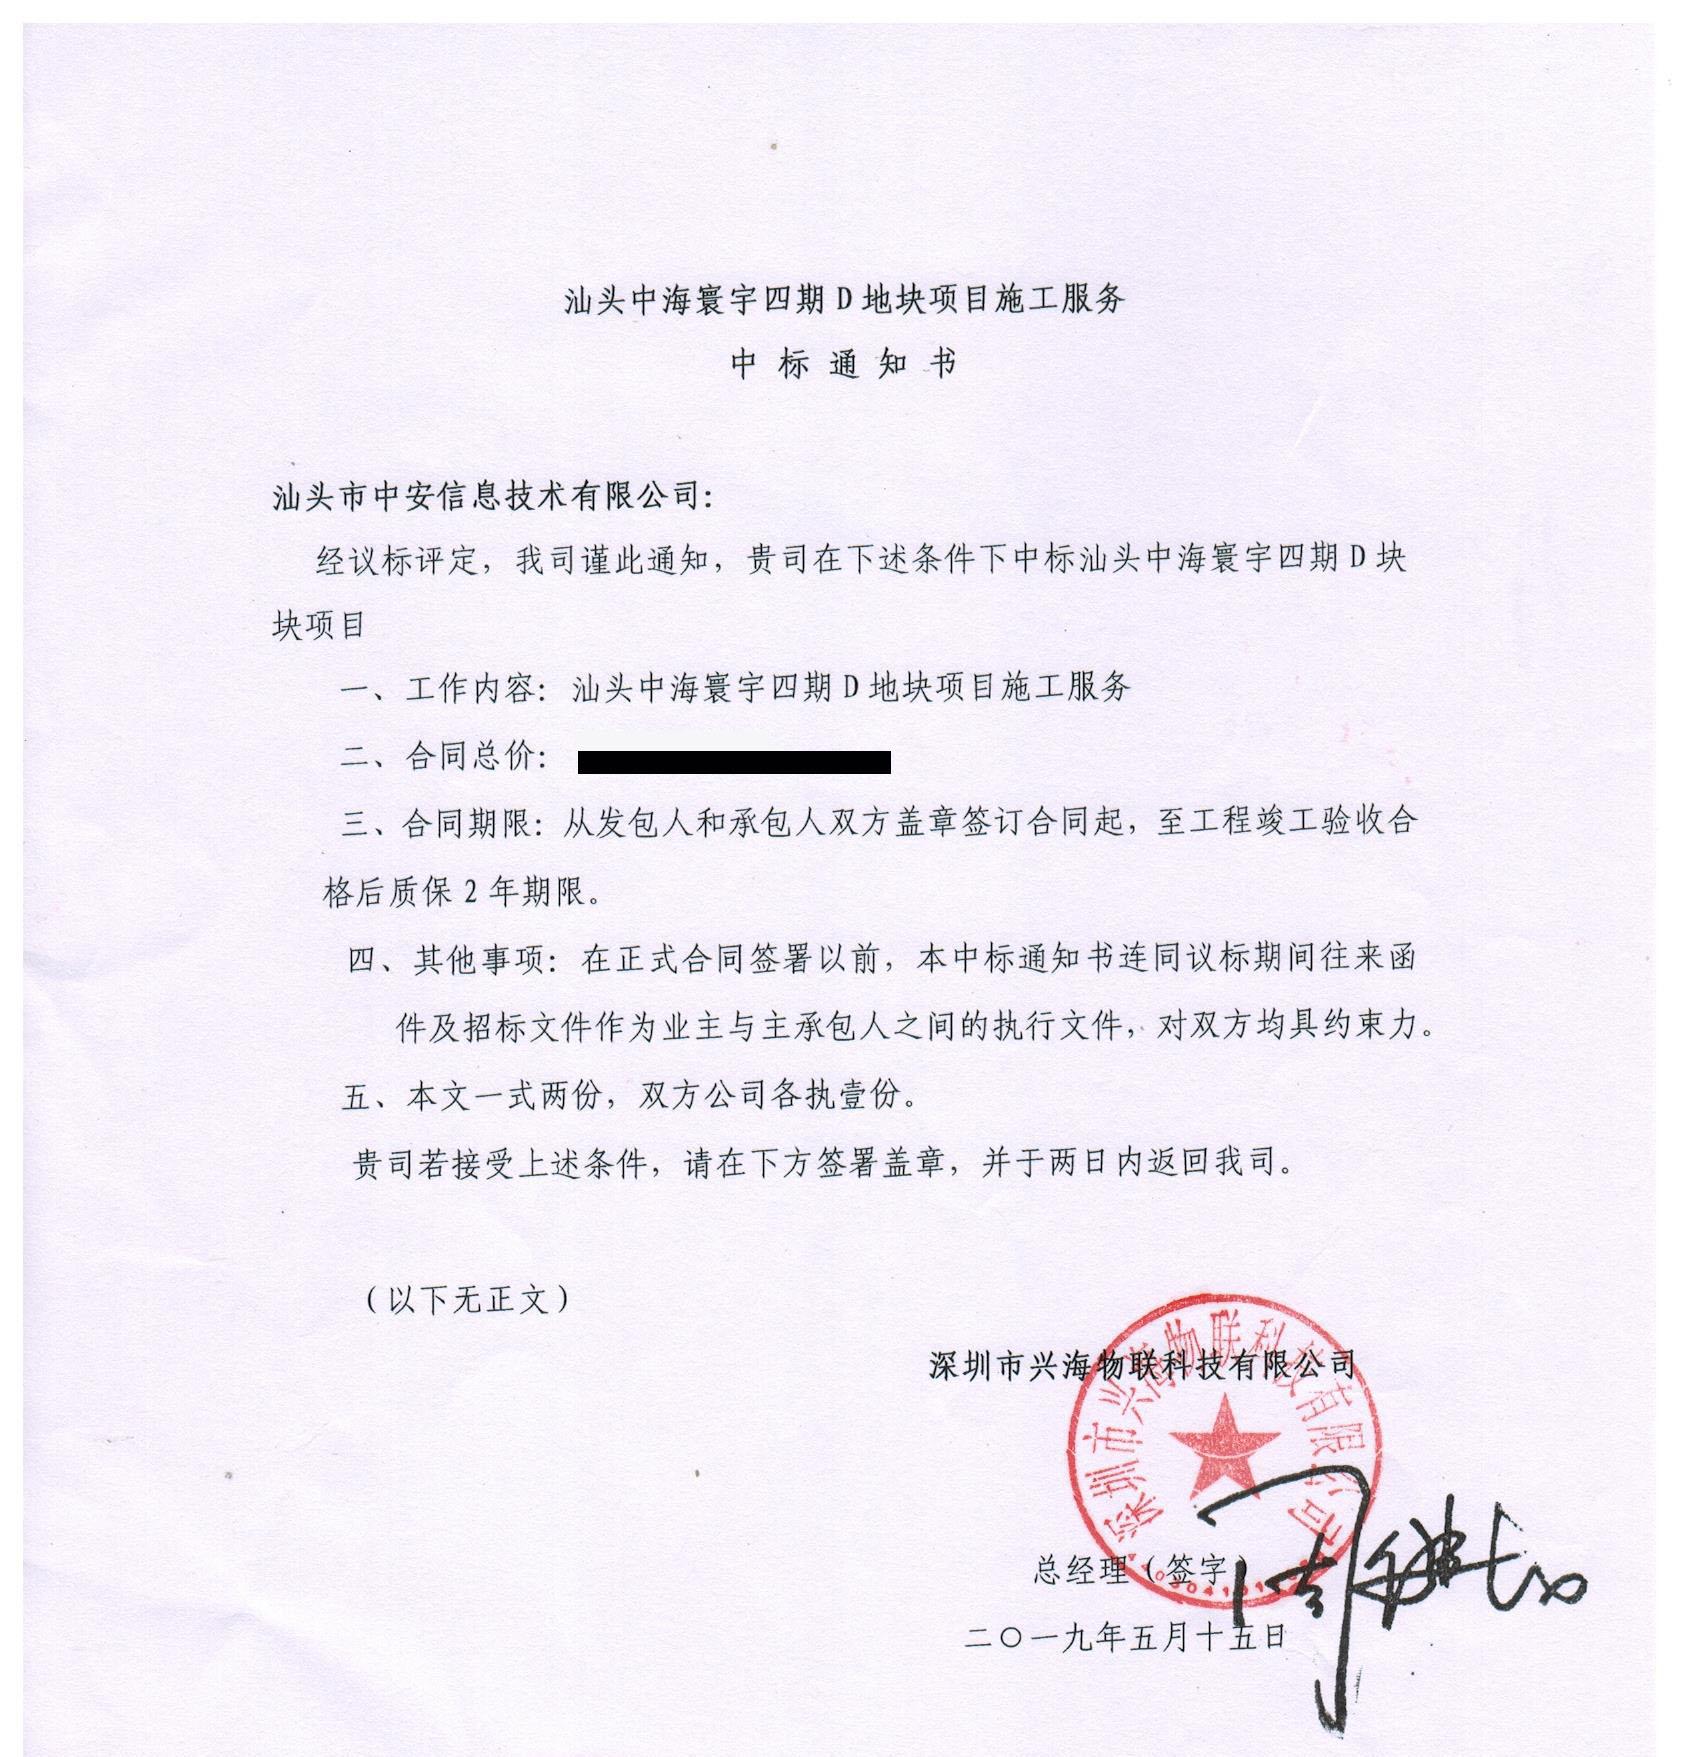 中海地产中标通知2